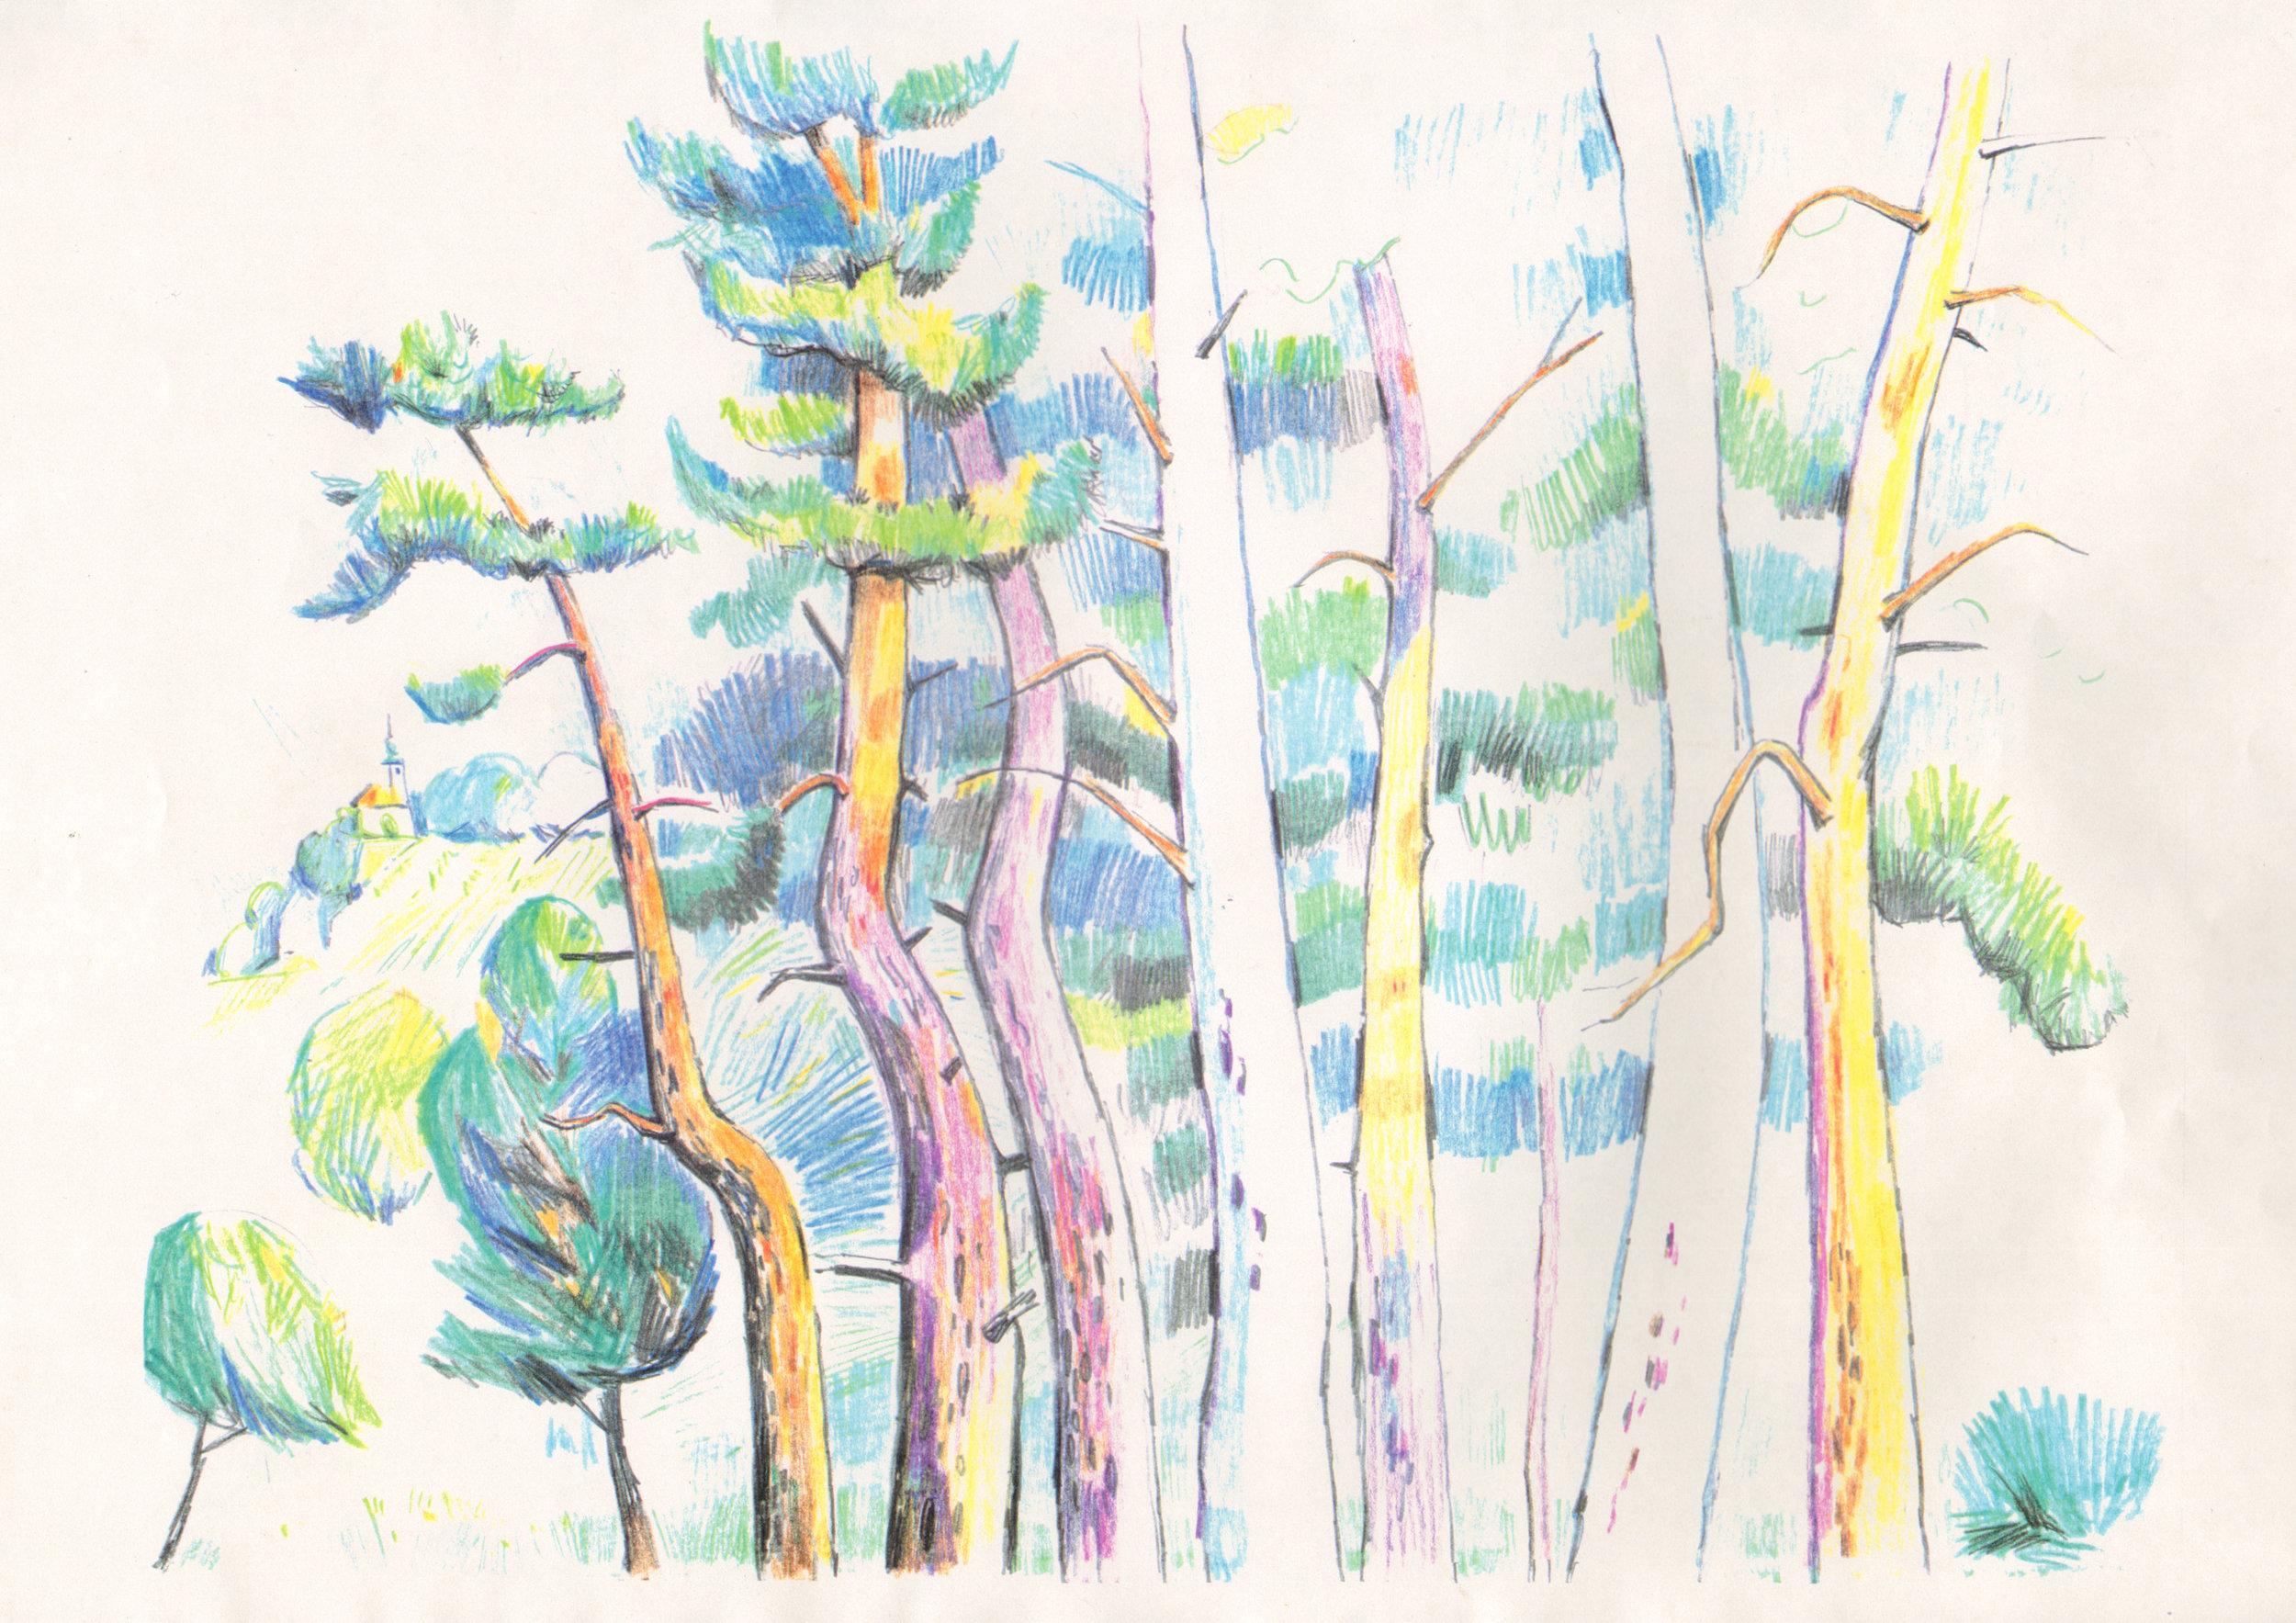 risba_drevesa_3.jpg